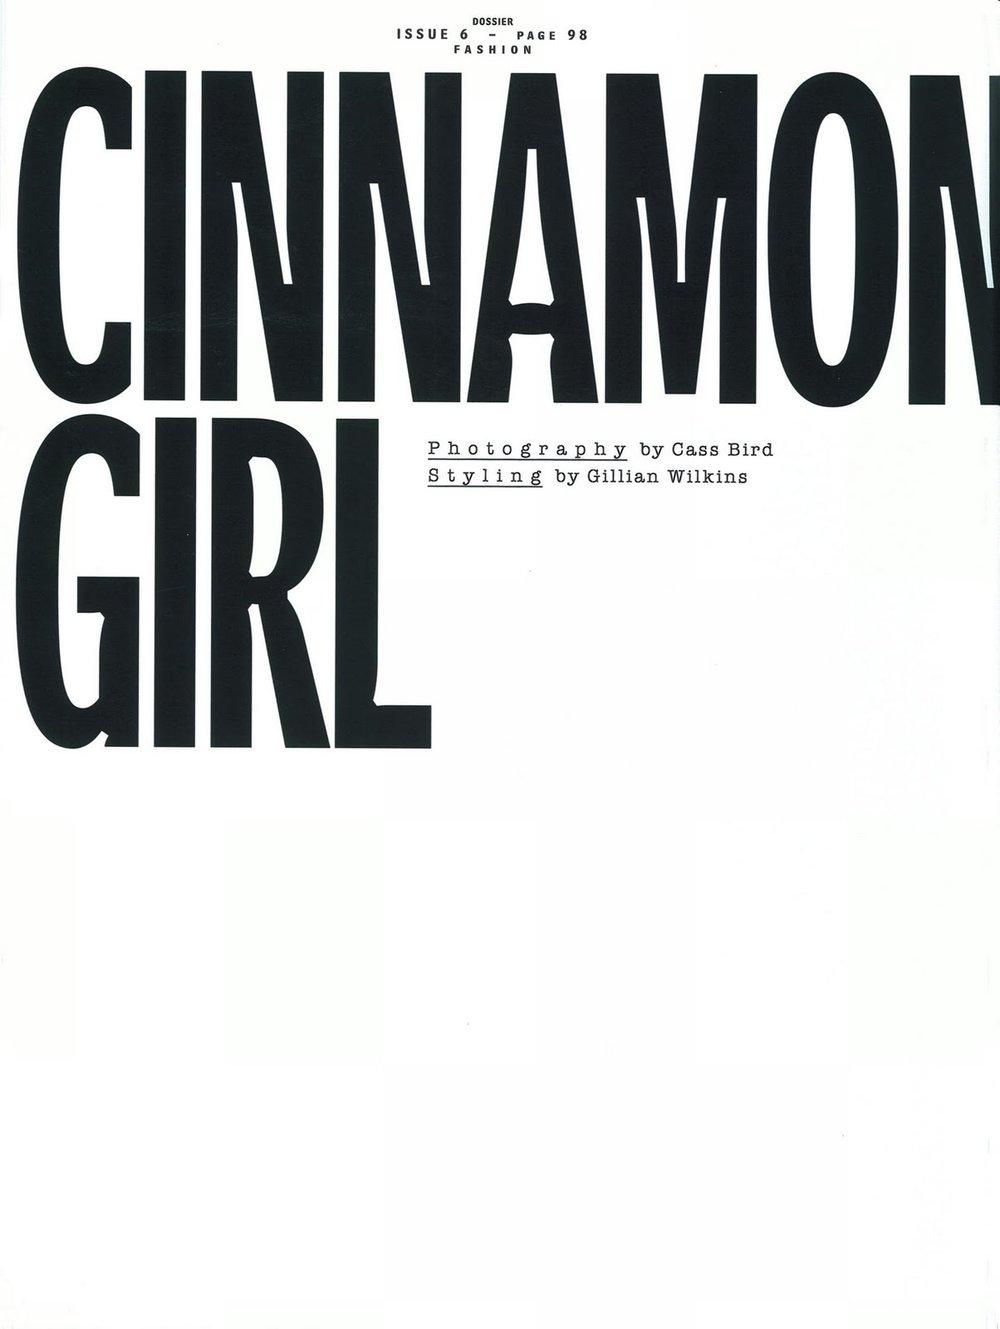 Editorial - Cinnamon Girl Dossier #6 2010 by Cass Bird 1 Ph_Cass Bird.jpg